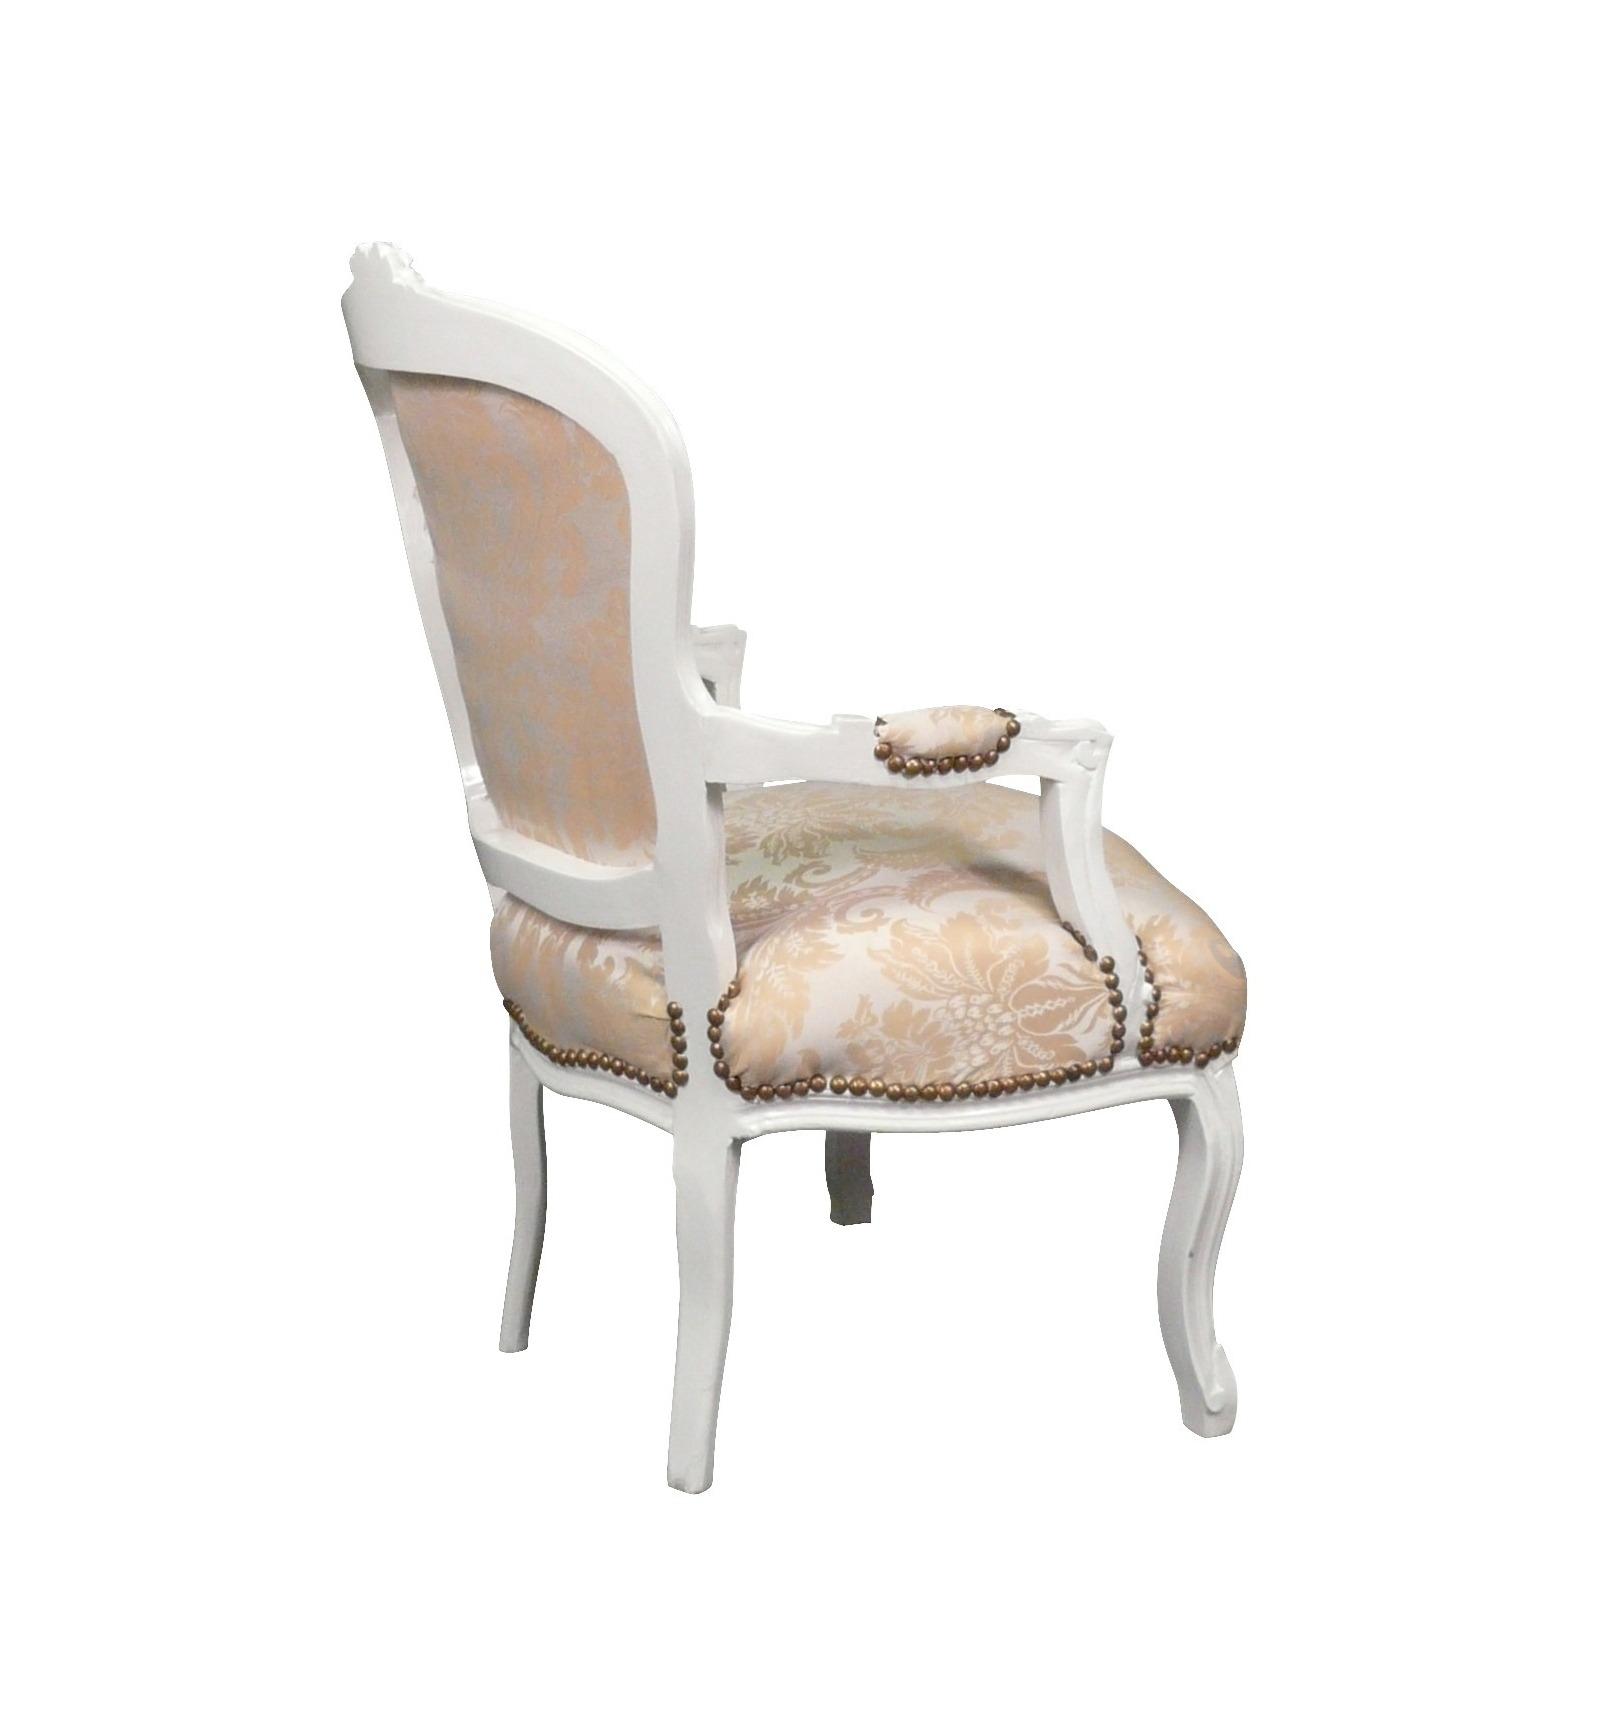 Fauteuil Louis XV bois blanc et tissu satiné Mobilier de salon